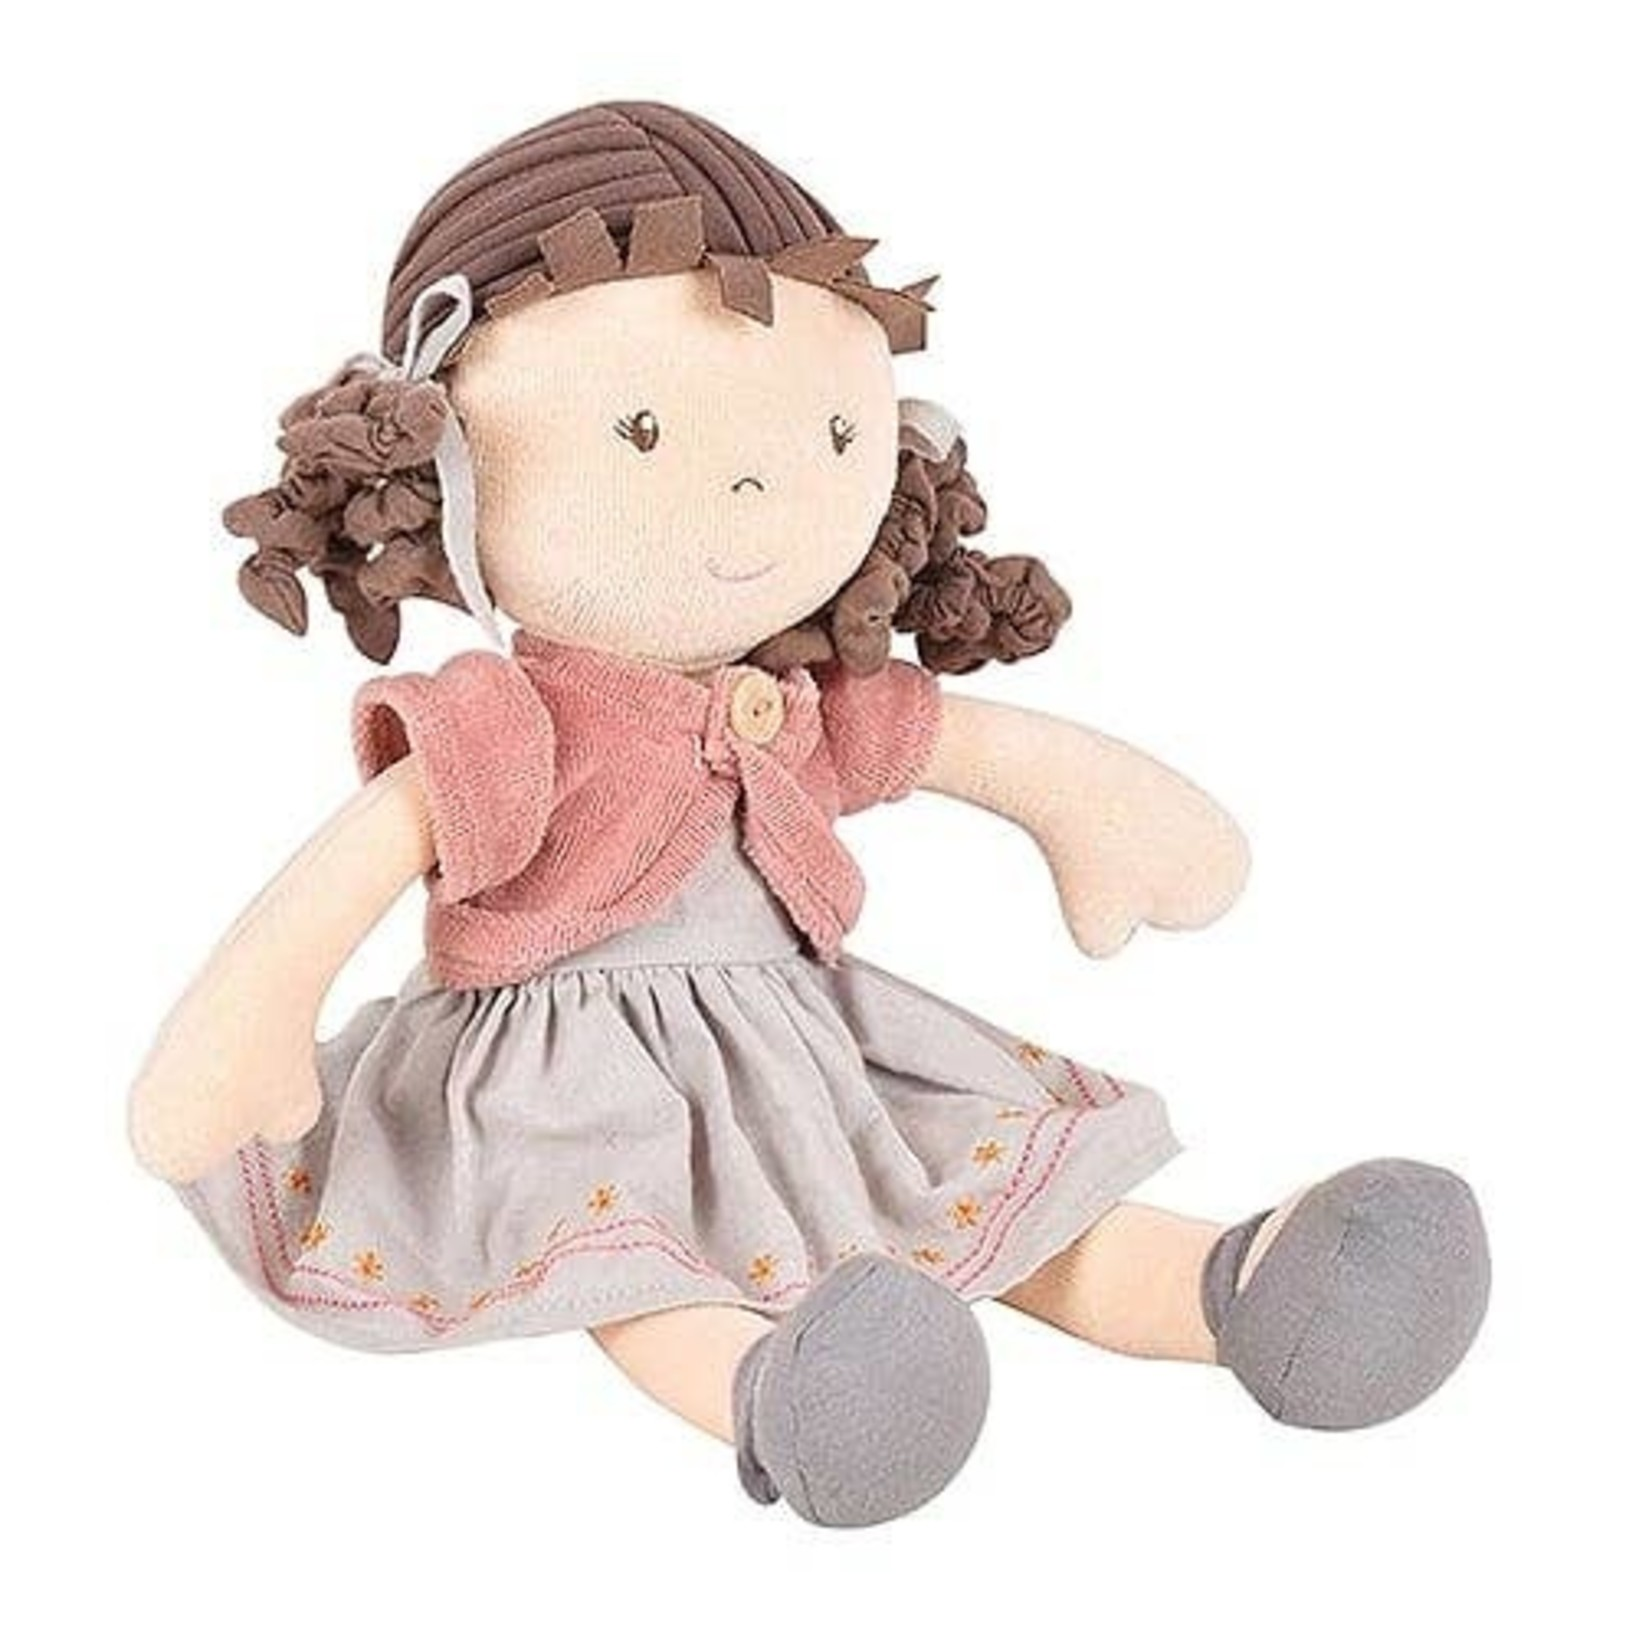 Tikiri Toys Rose with Brown Hair Doll